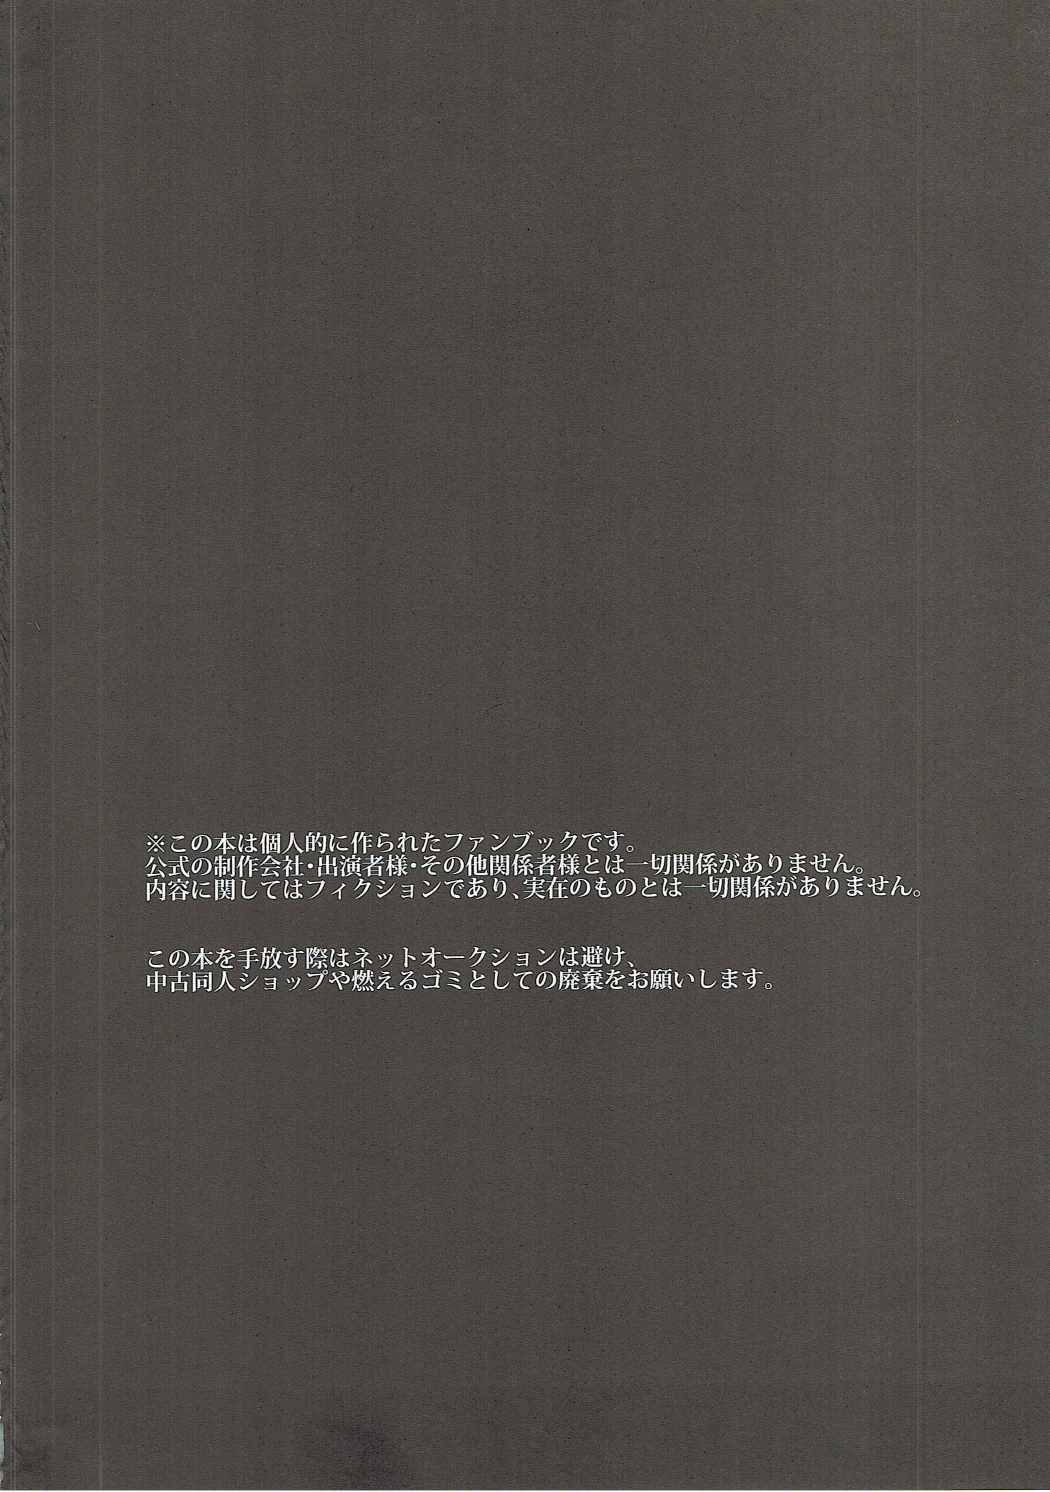 Soshitara Zenbu Yurushite Yaru 2